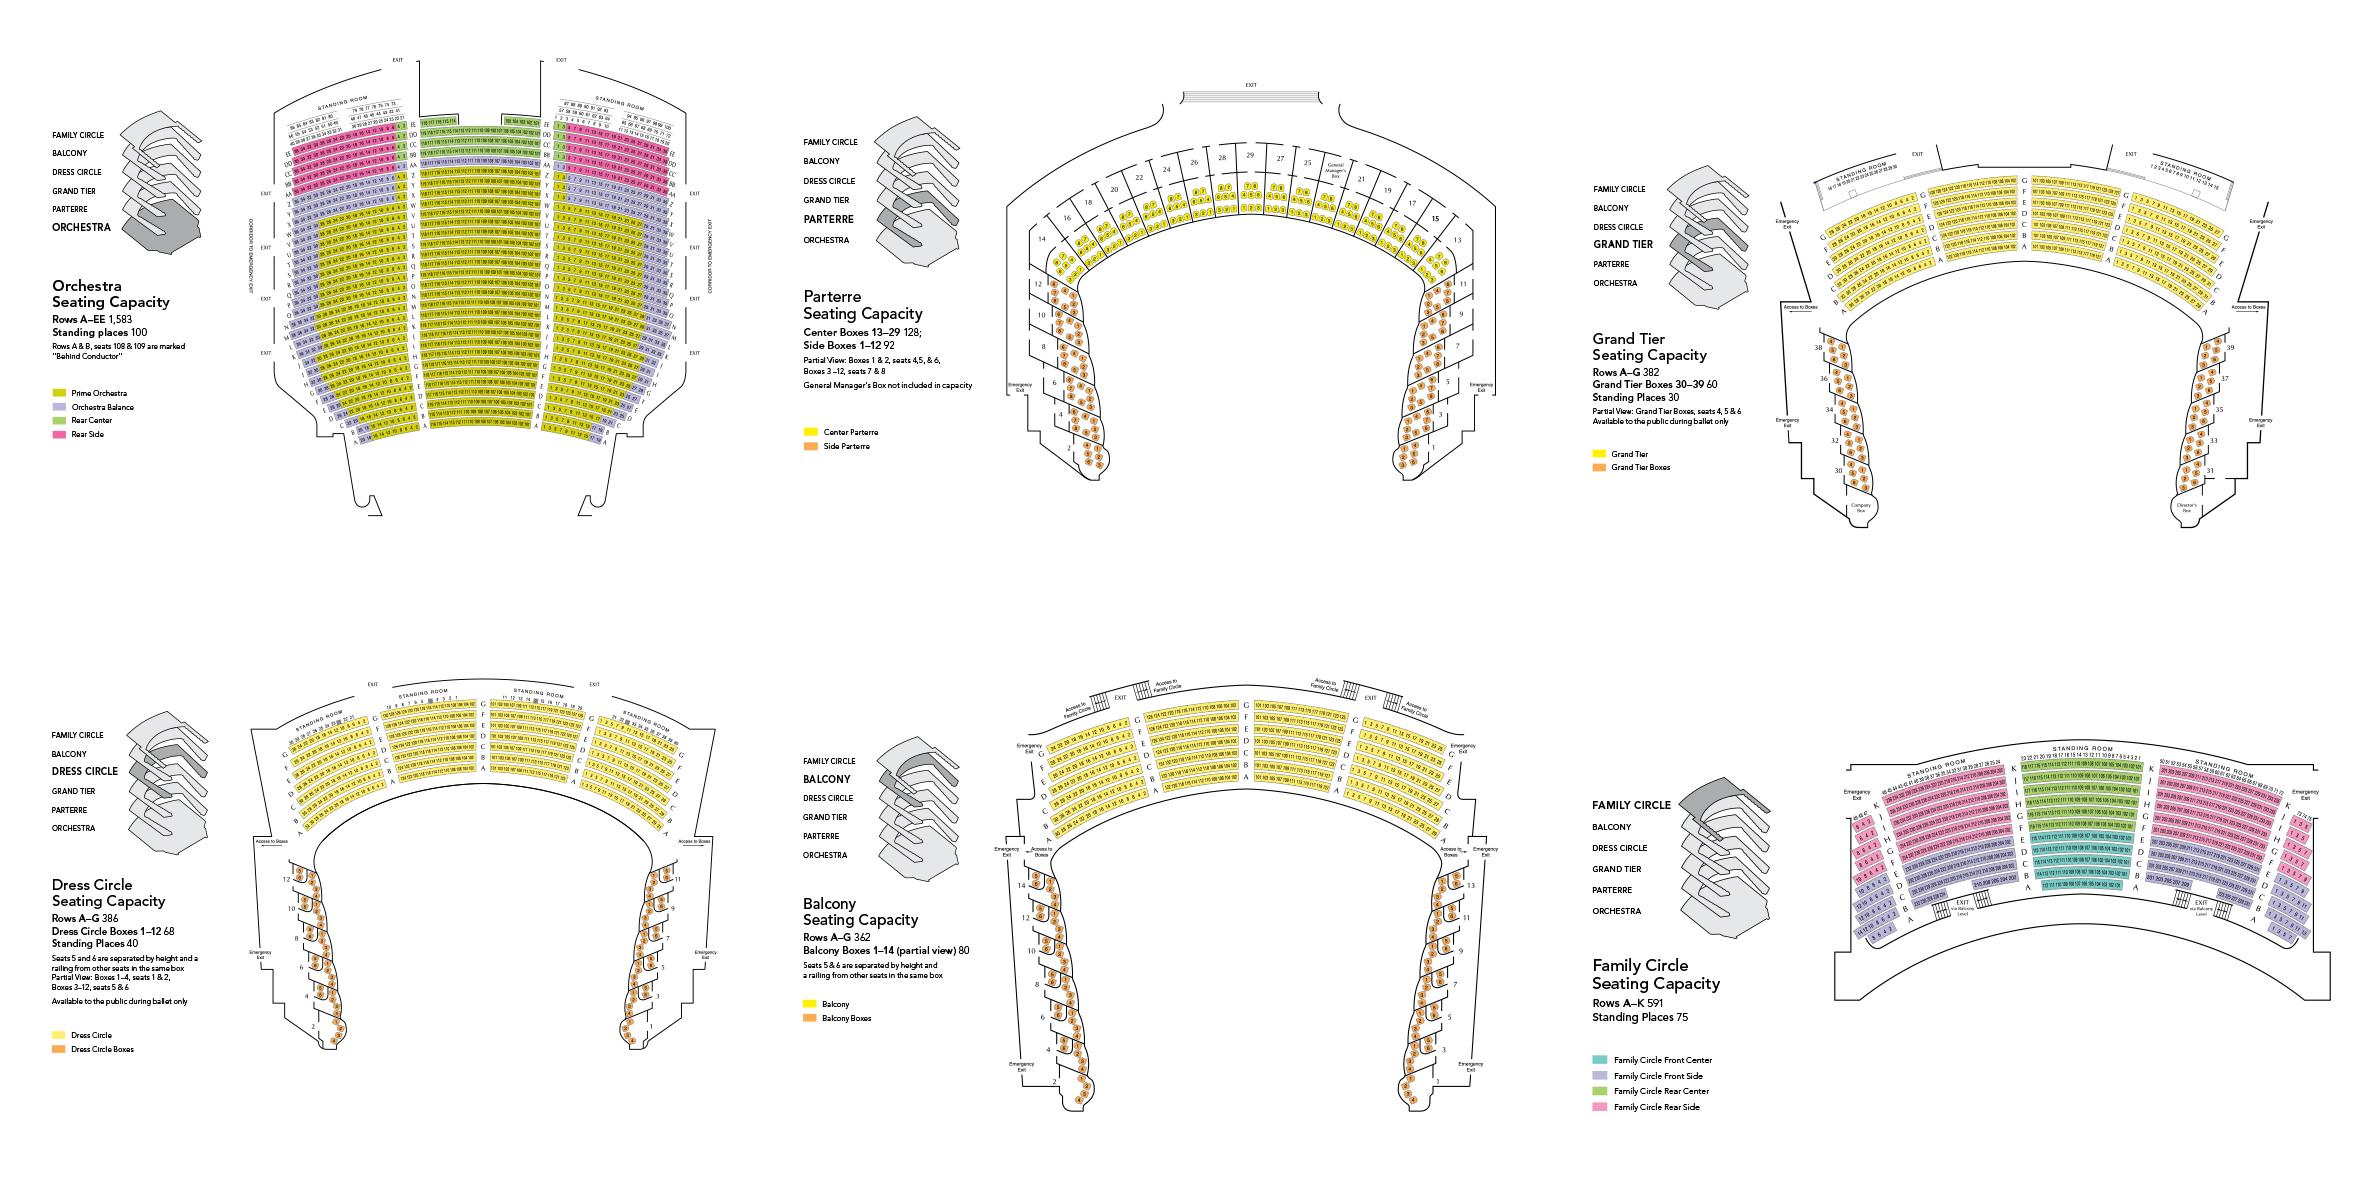 Metropolitan opera seating chart idoa heybe co